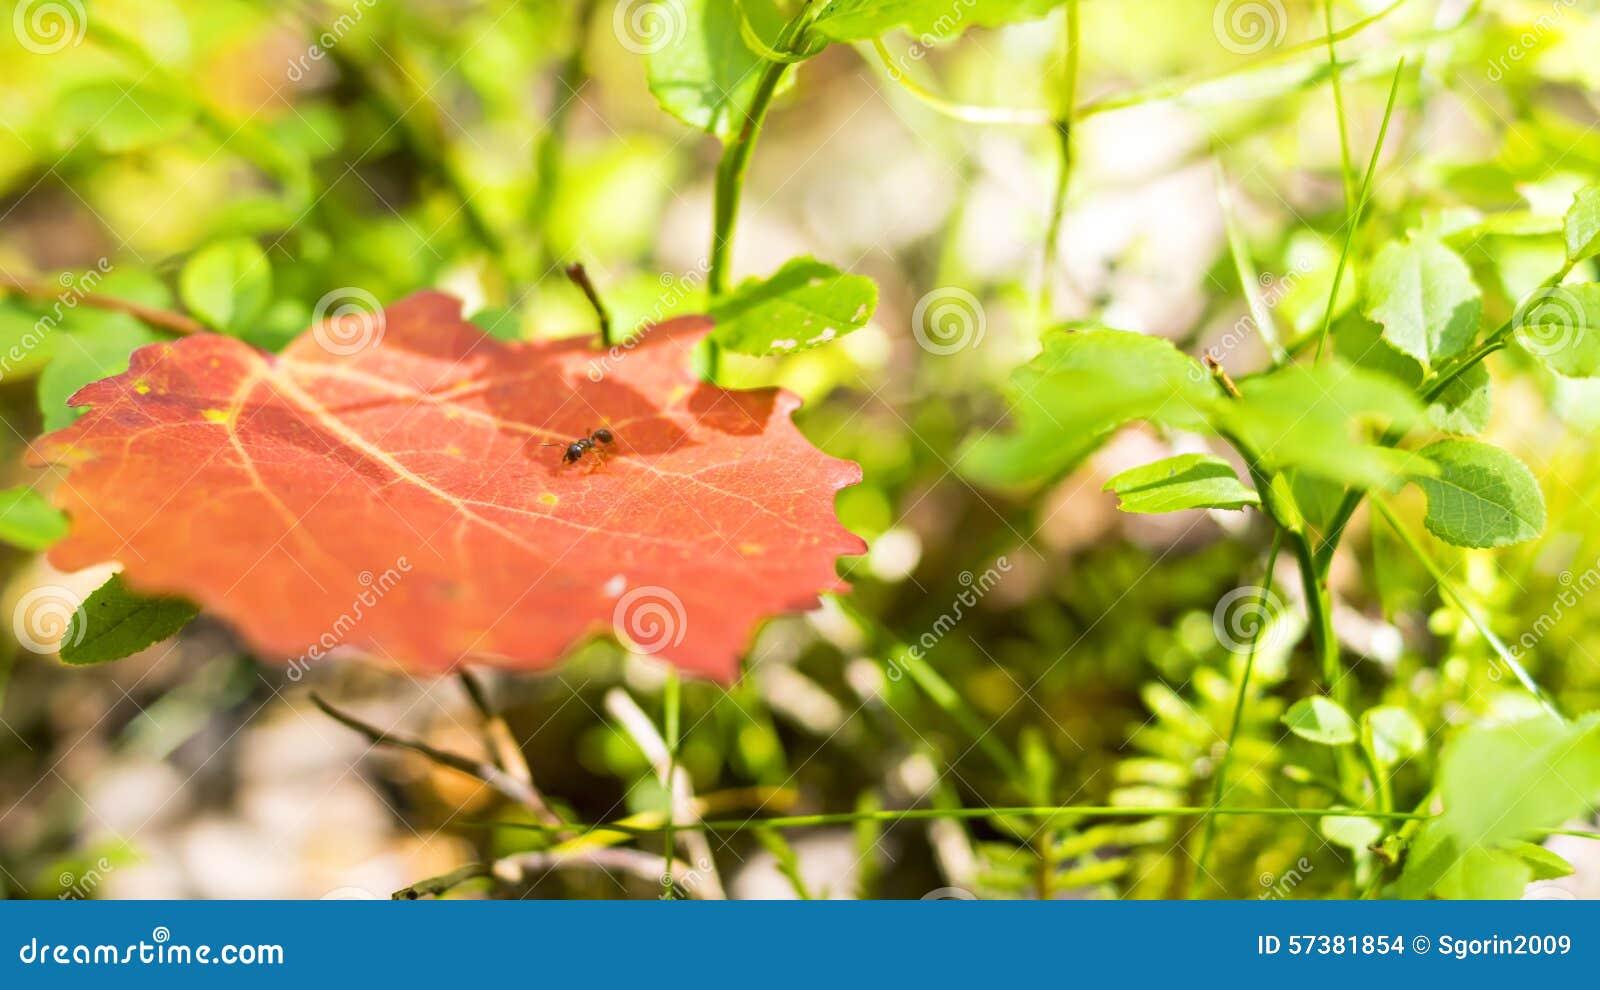 Uiterst kleine rode mier op blad in bos